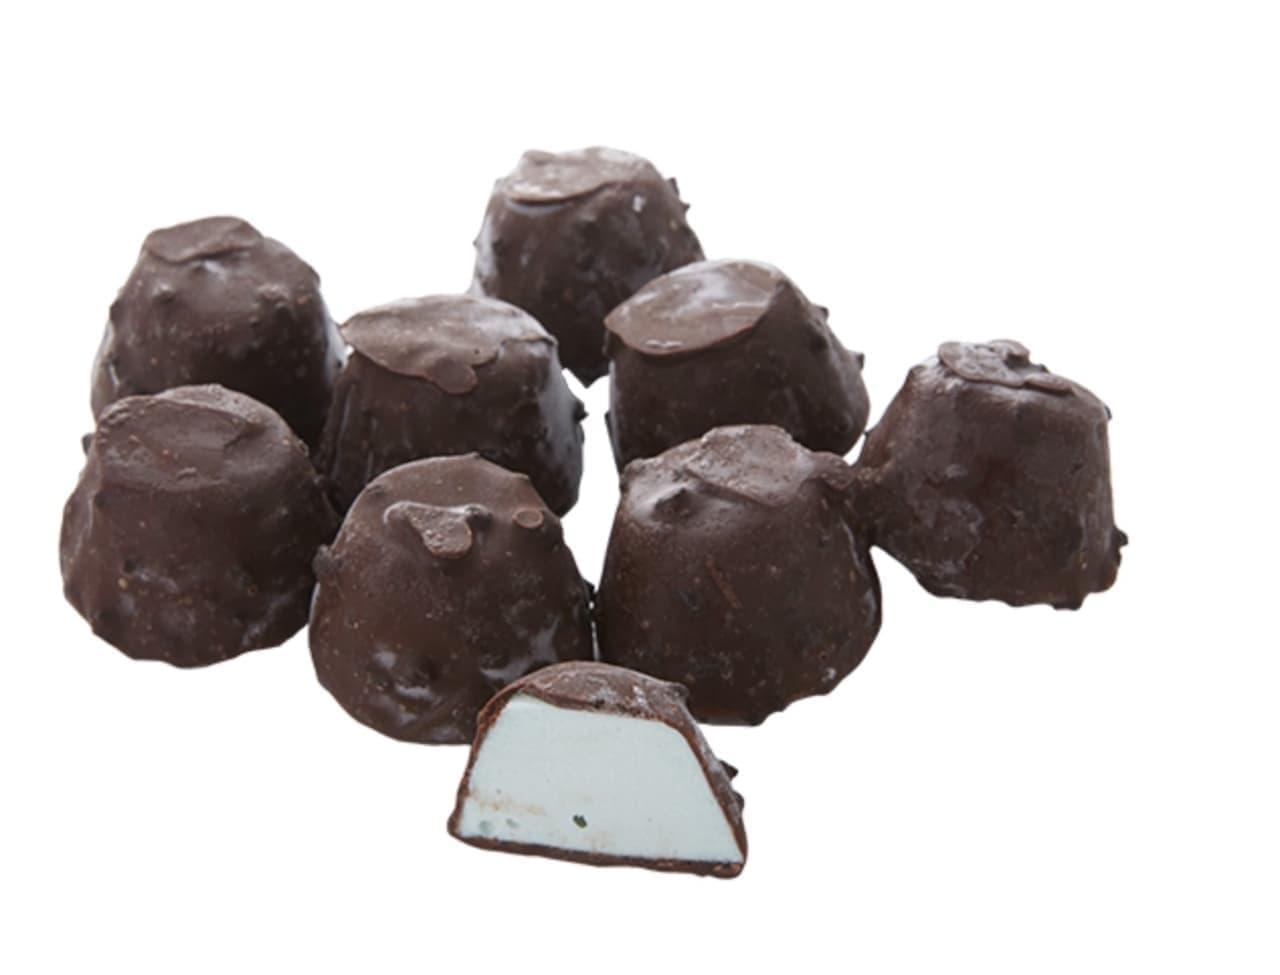 シャトレーゼ「デザートショコラボールチョコミント」